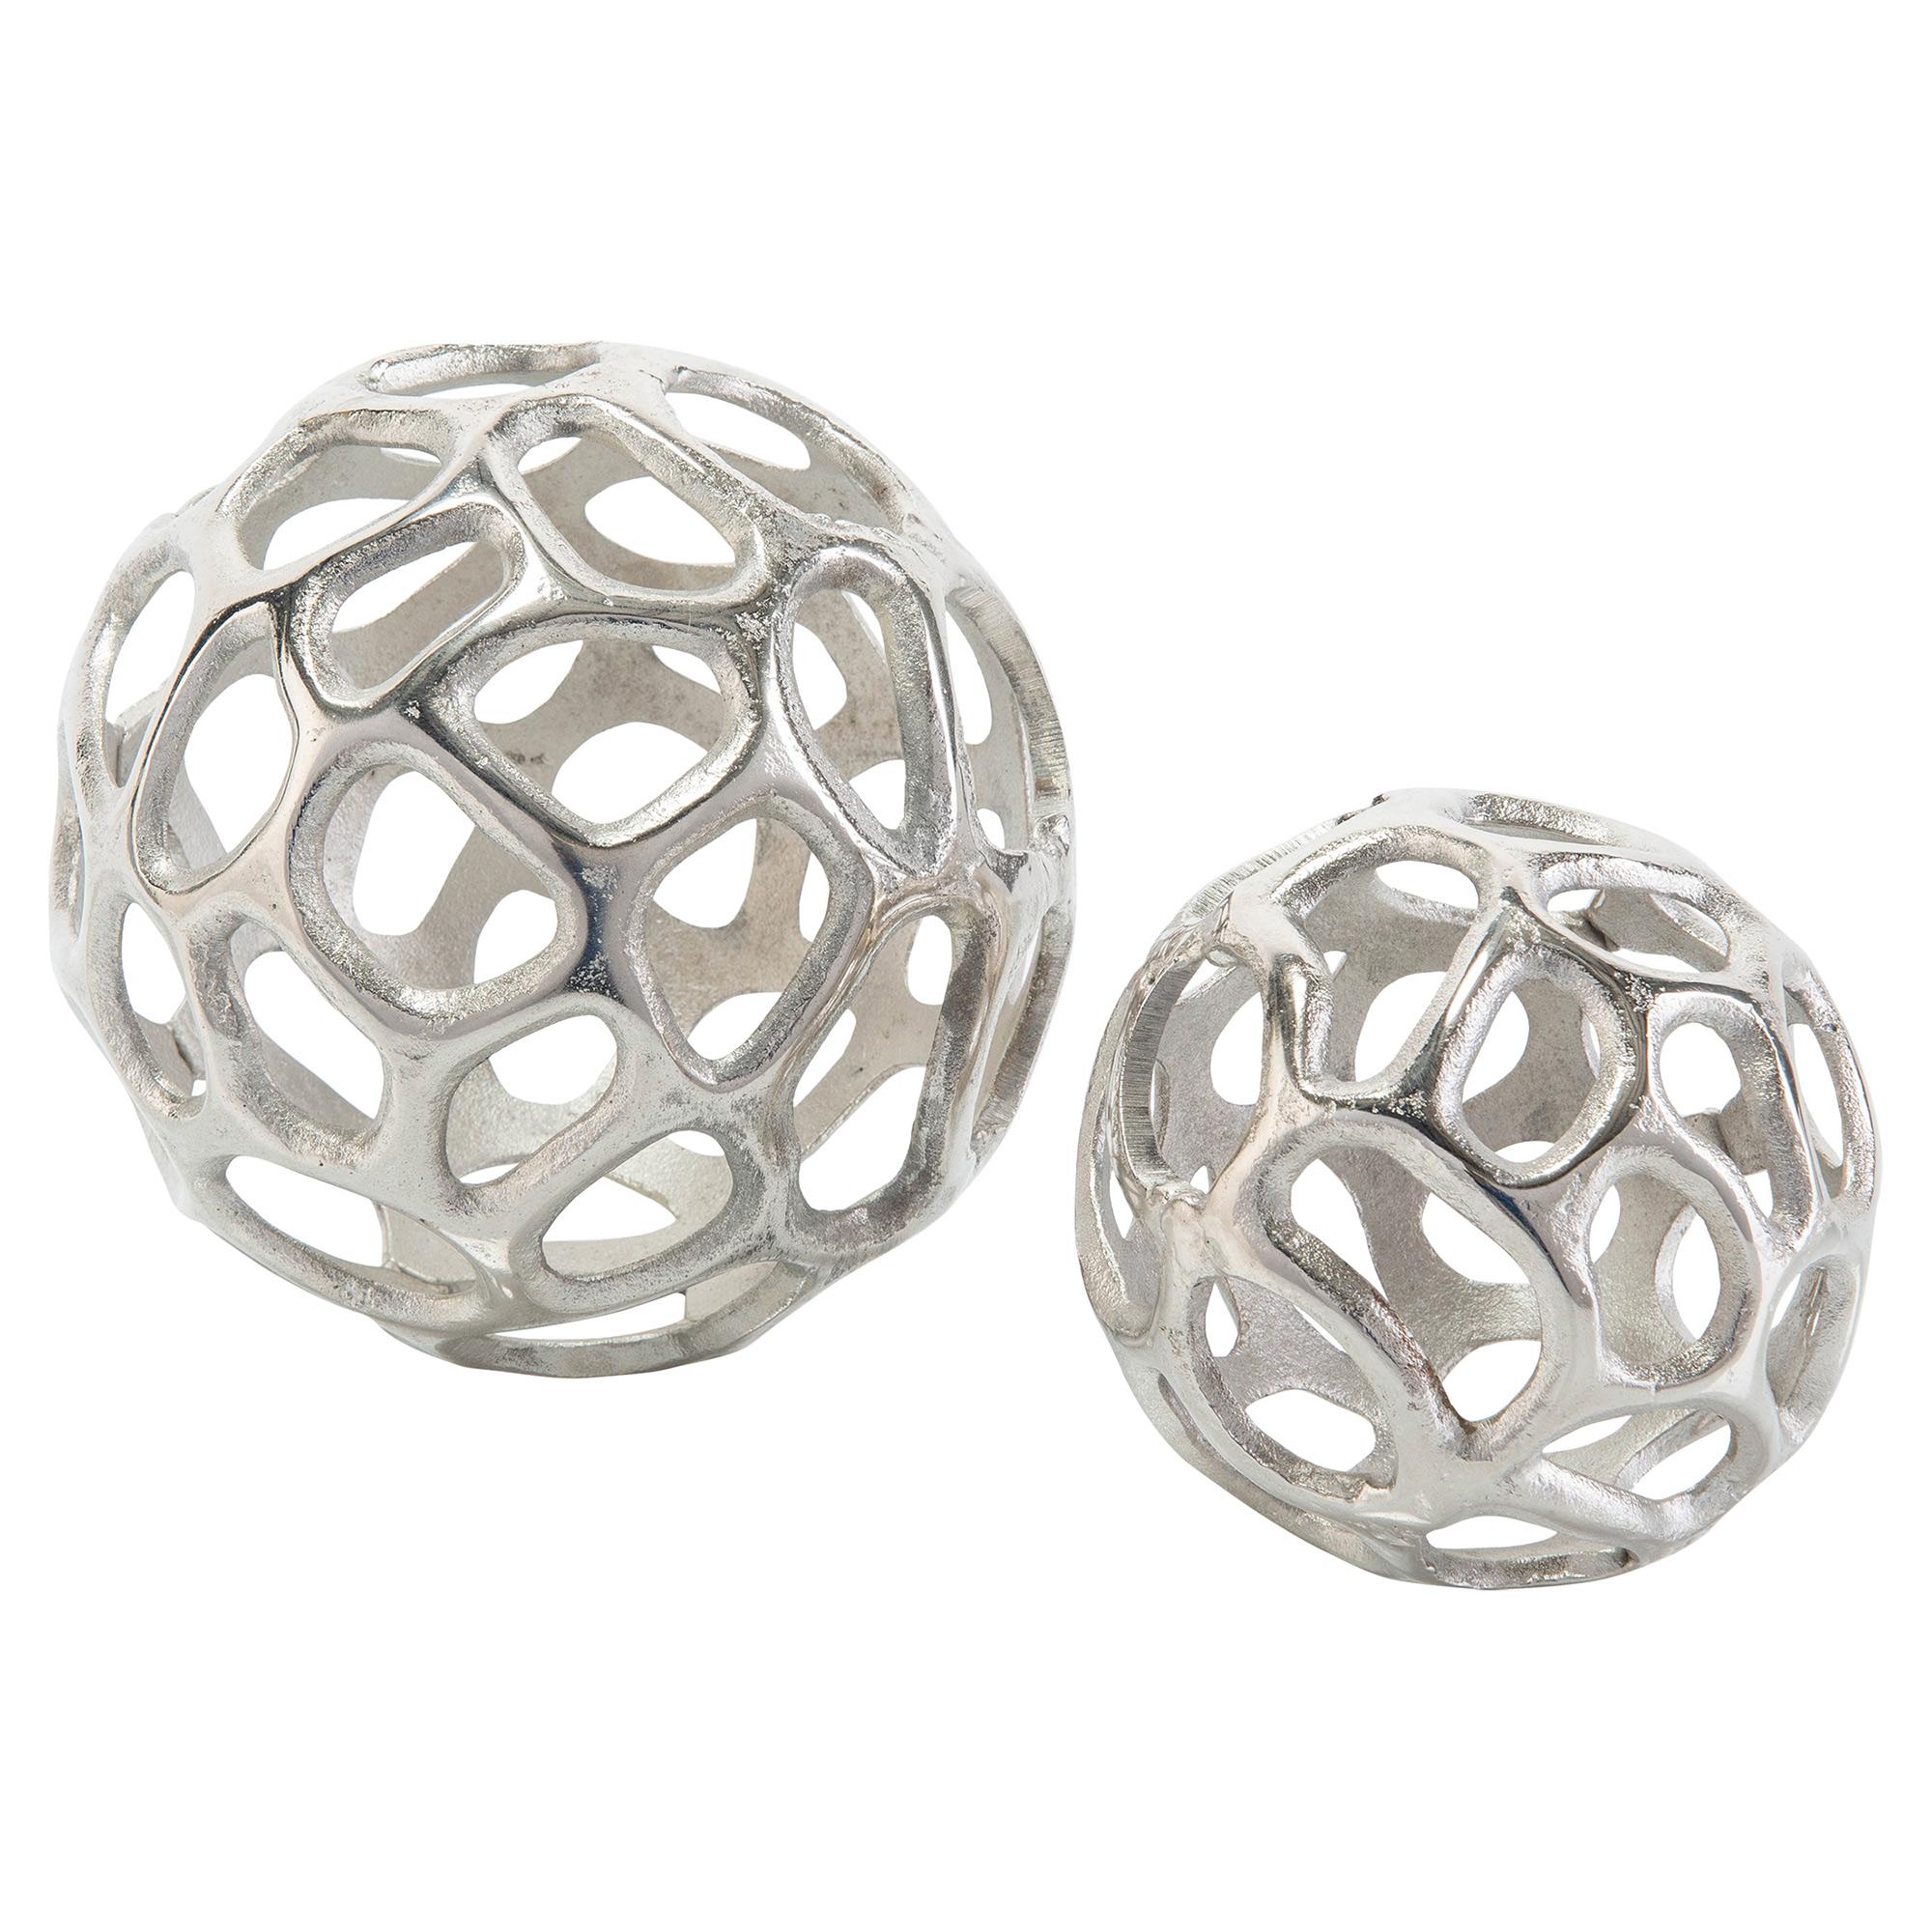 Organic Silver Sculptural Orbs - Pair